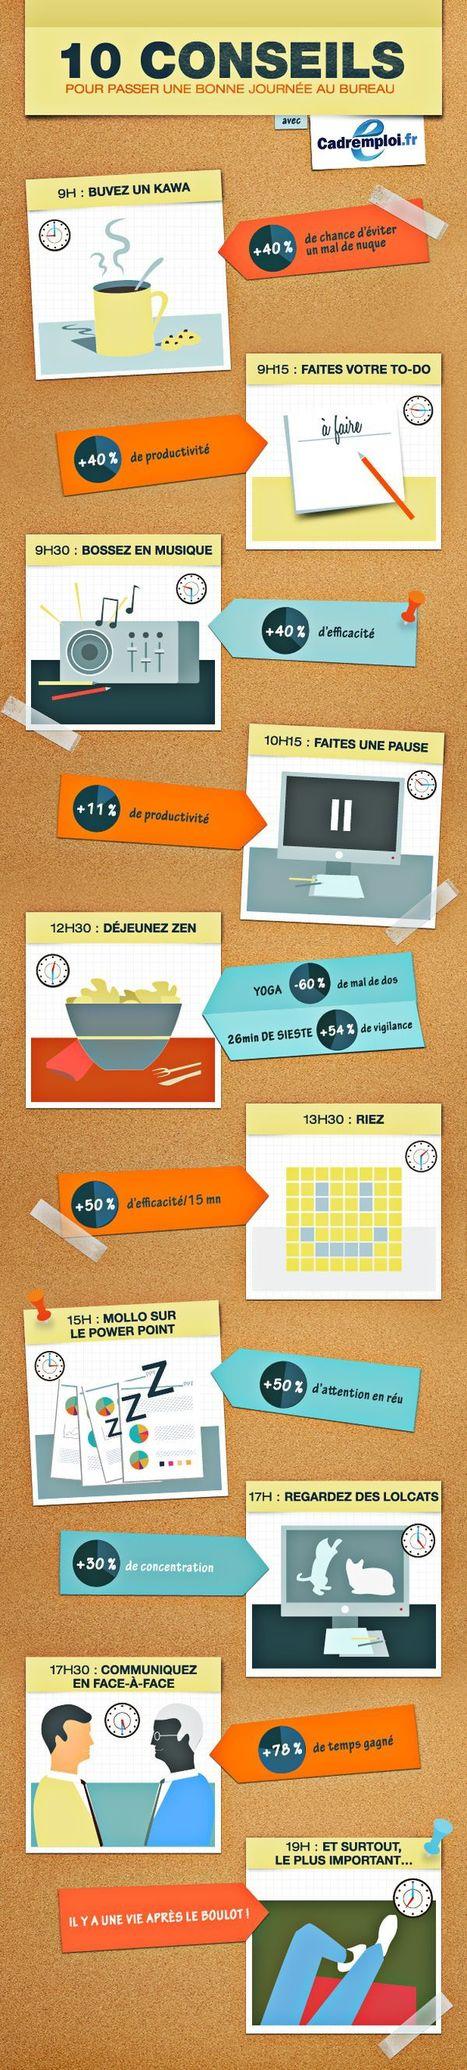 Infographie : 10 conseils pour passer une bonne journée | télétravail | Scoop.it